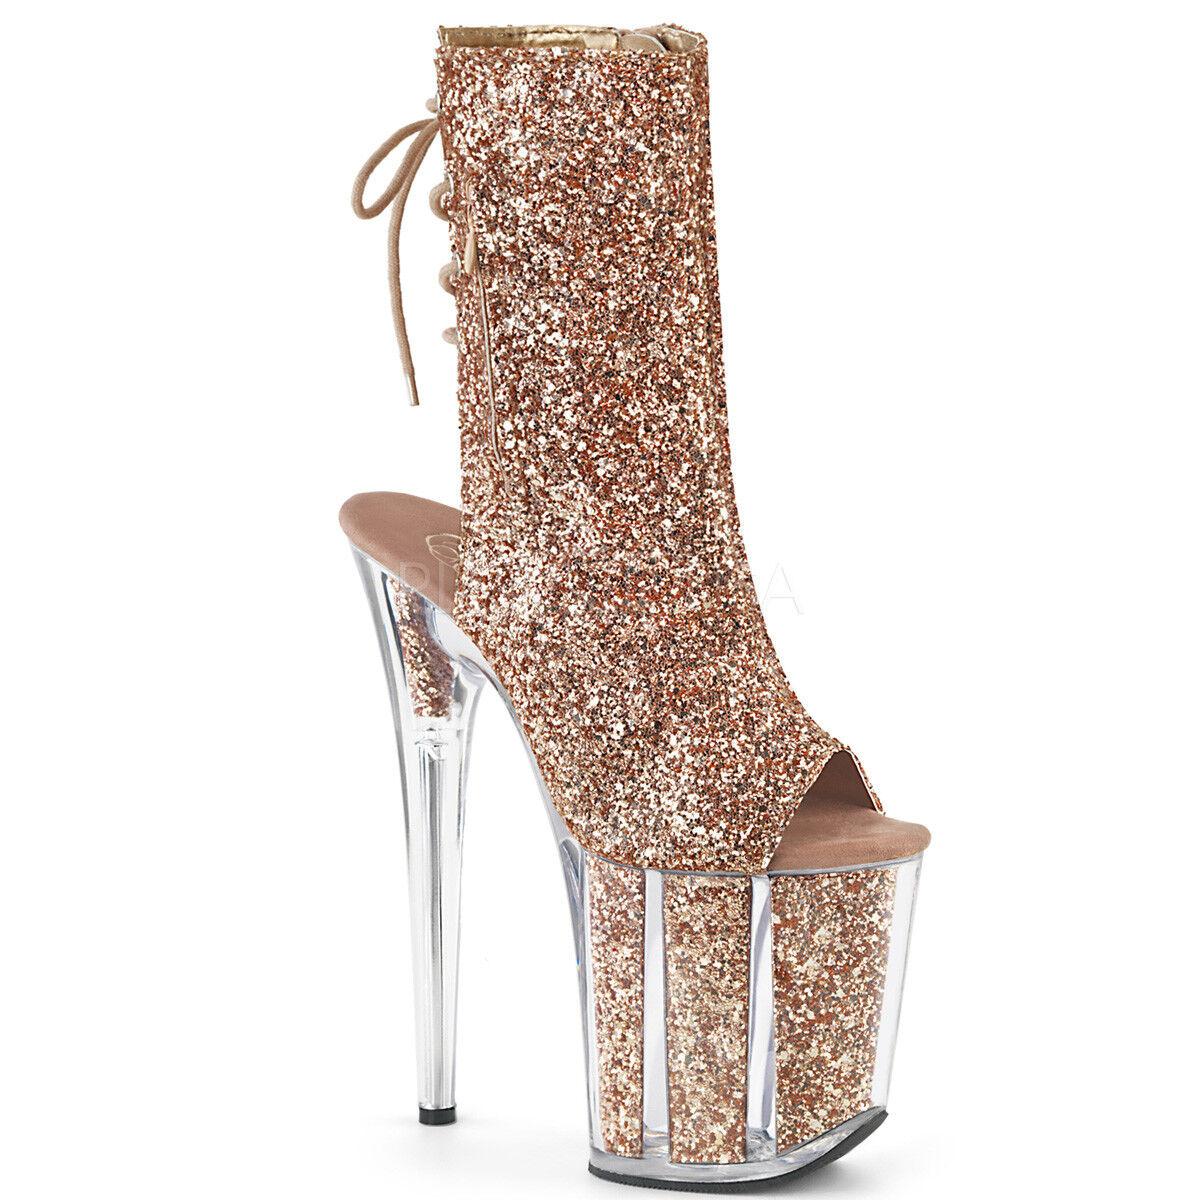 Pleaser Sexy Taco de 8    de oro rosadodo de la Plataforma De Tacón Puntera Abierta Purpurina Mujer botas al tobillo  ventas al por mayor